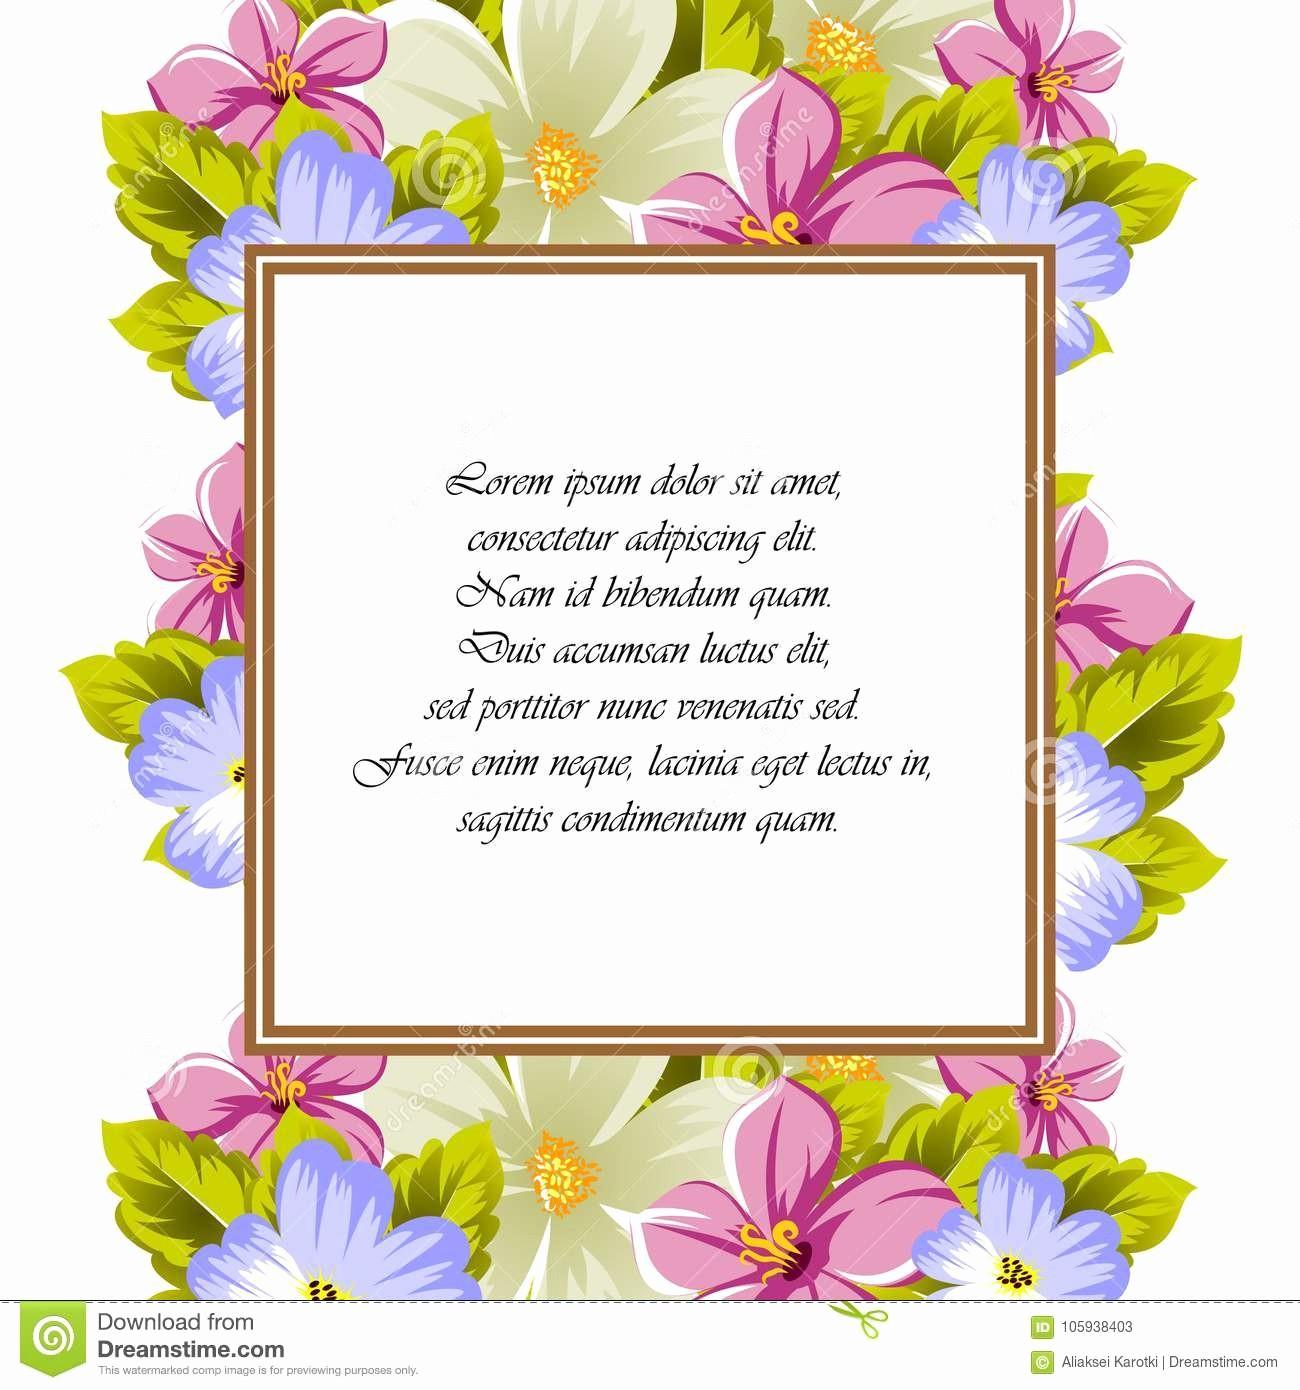 Diseños De Tarjetas De Cumpleaños New Captulo De Algunas Flores Para El Diseño De Tarjetas